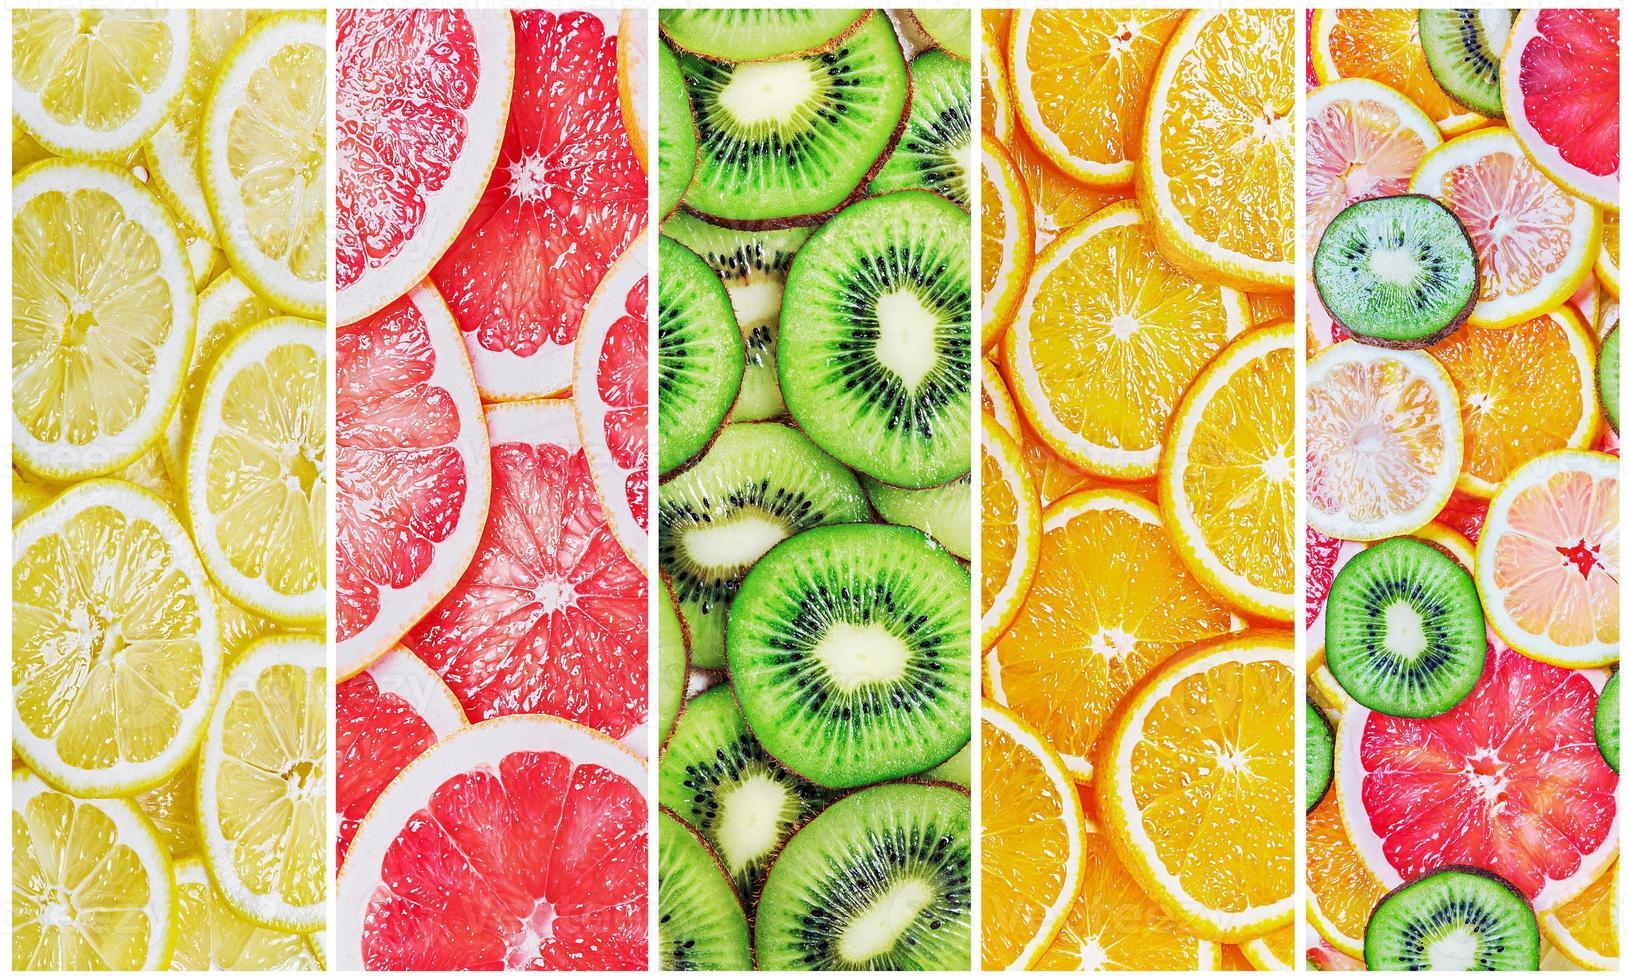 citrusfruit plakjes vers foto